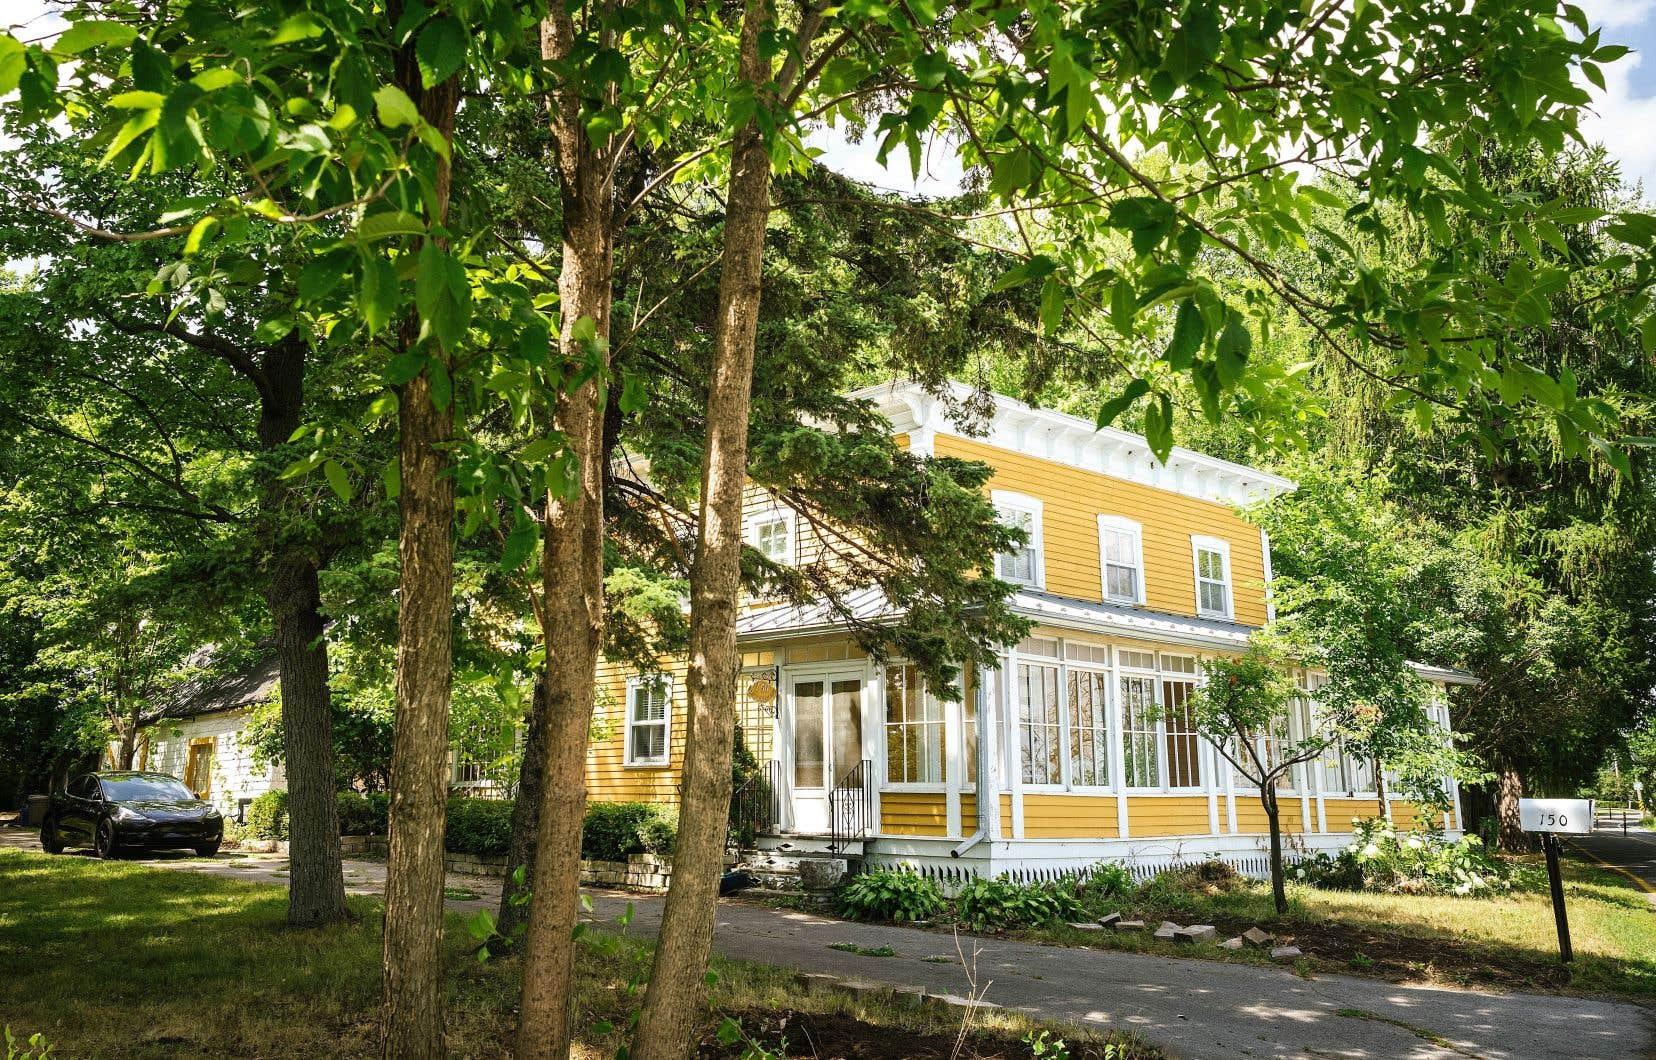 Bien que cité par la municipalité de Vaudreuil, le site de la maison natale de Lionel Groulx fait désormais l'objet d'un morcellement qui rend possible la construction domiciliaire.